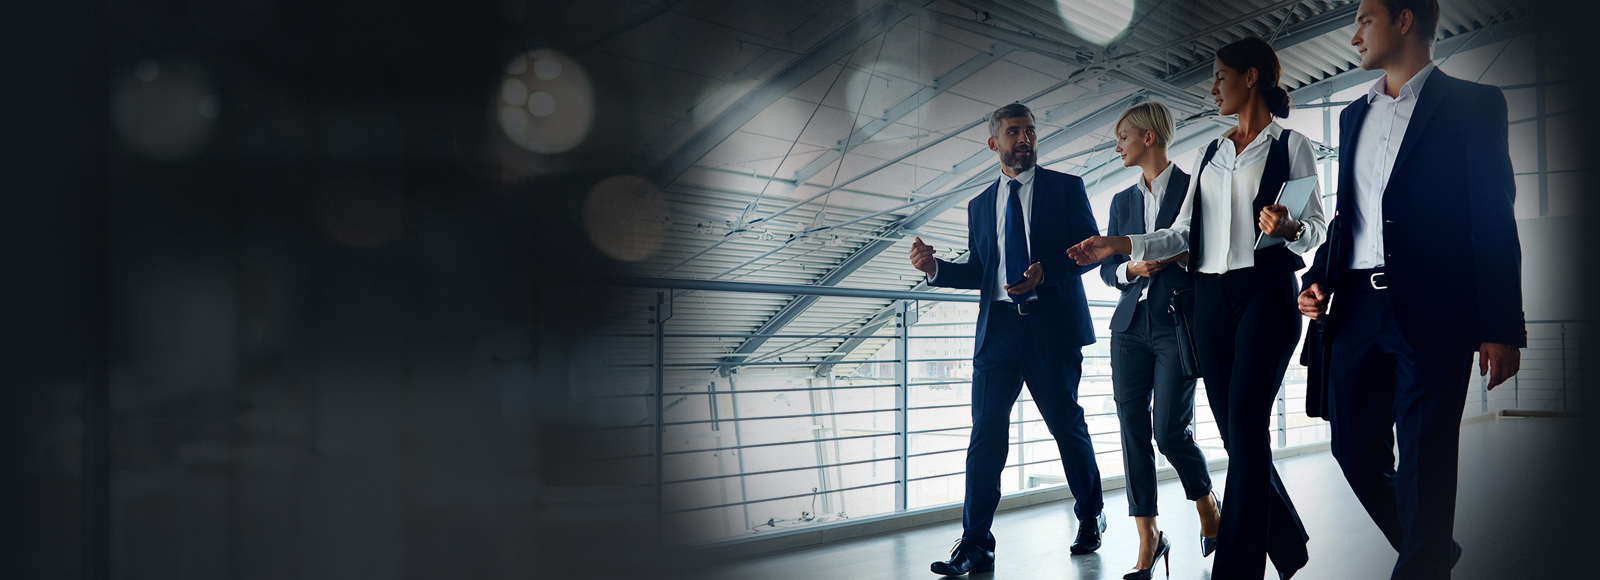 hero-full-2020-Securing-digital-workforce.jpg